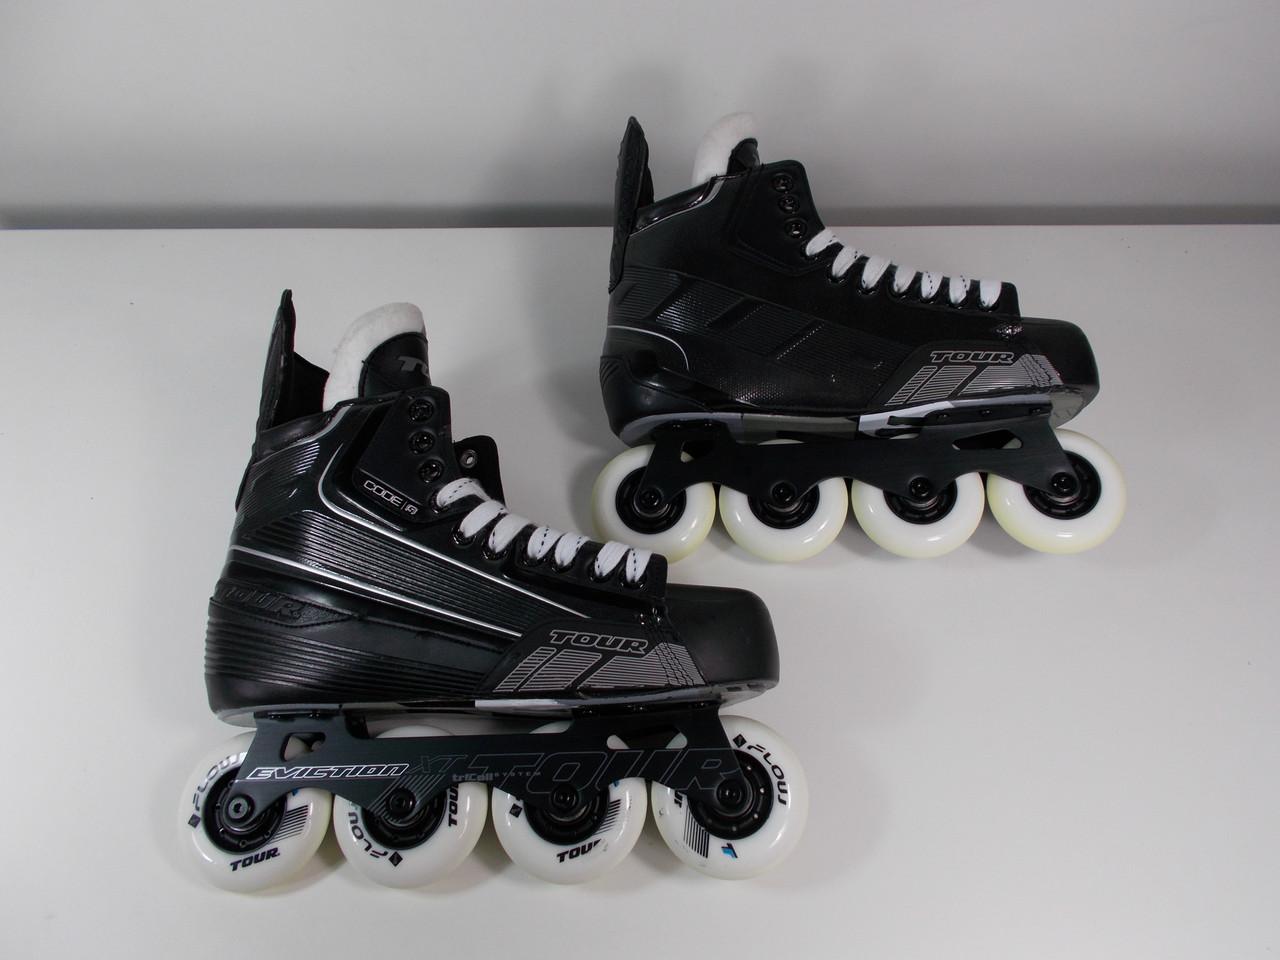 Used Hockey Skates >> Slightly Used Tour Code 5 Hockey Skate Size 9